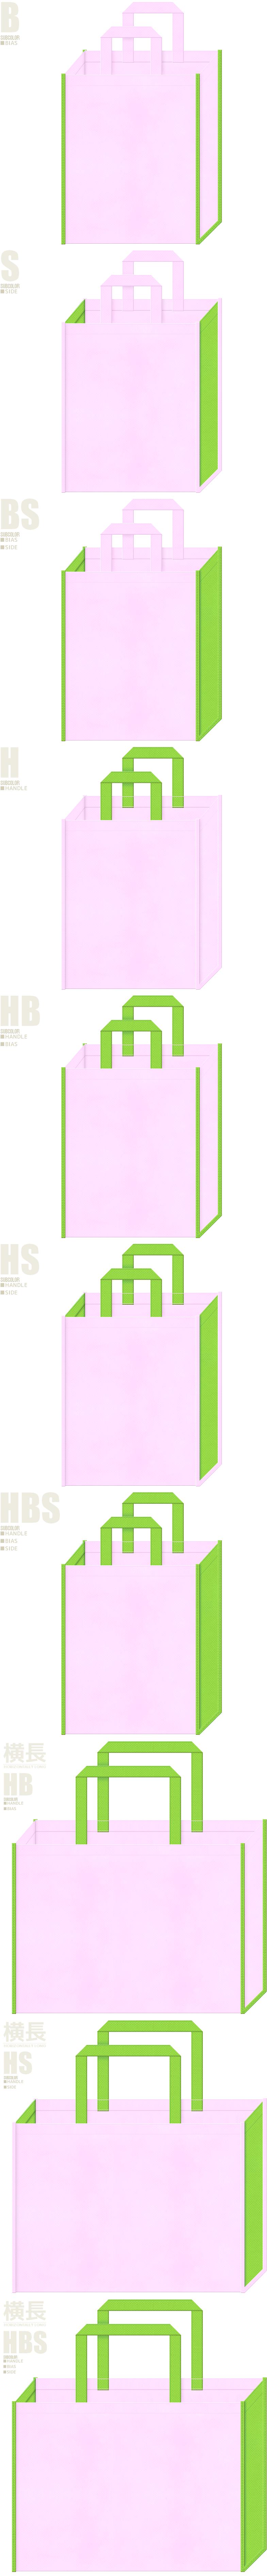 明るめのピンク色と黄緑色、7パターンの不織布トートバッグ配色デザイン例。